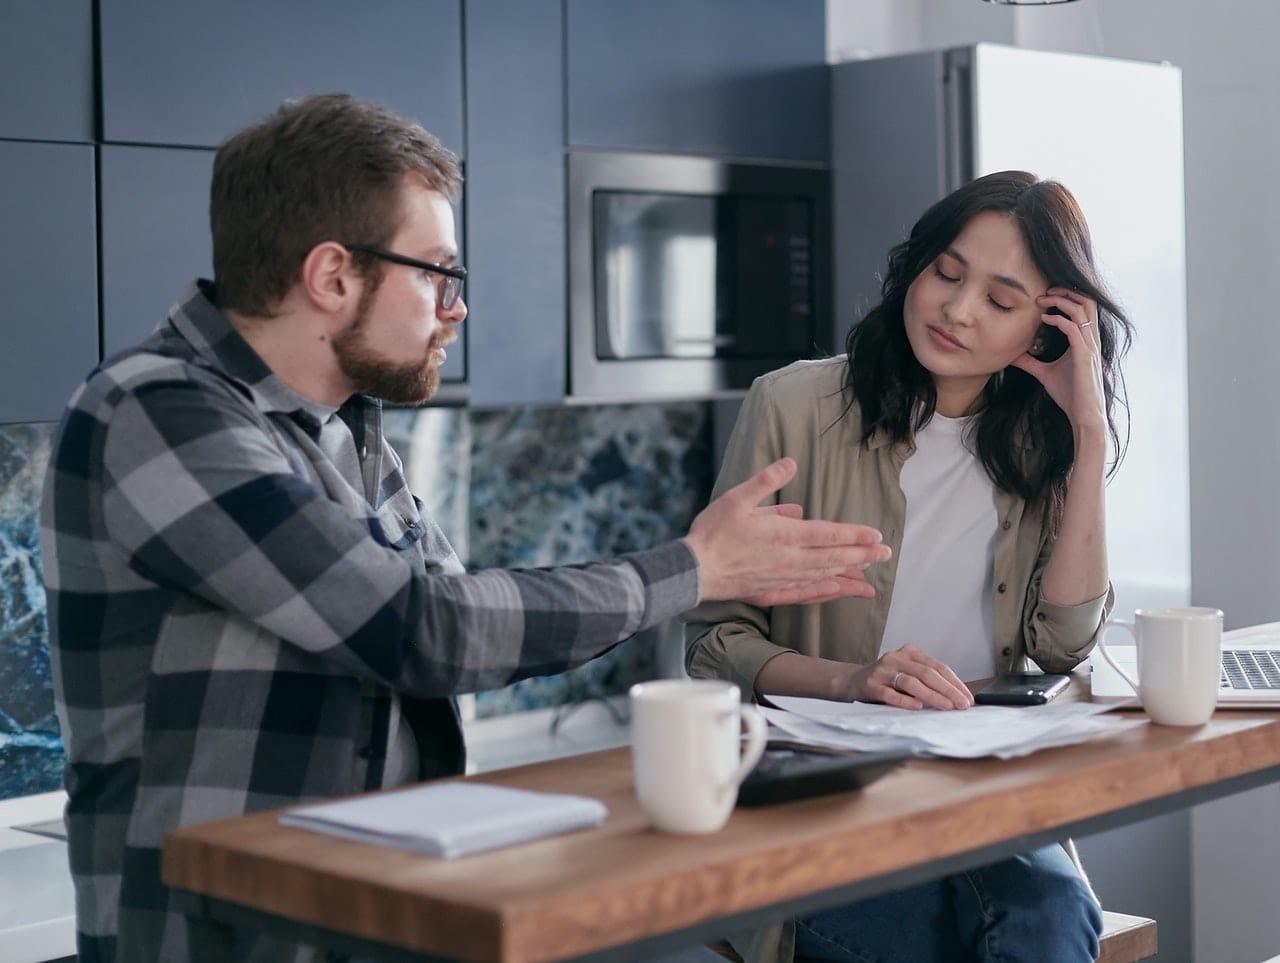 Cara Menghilangkan Ego Dalam Hubungan